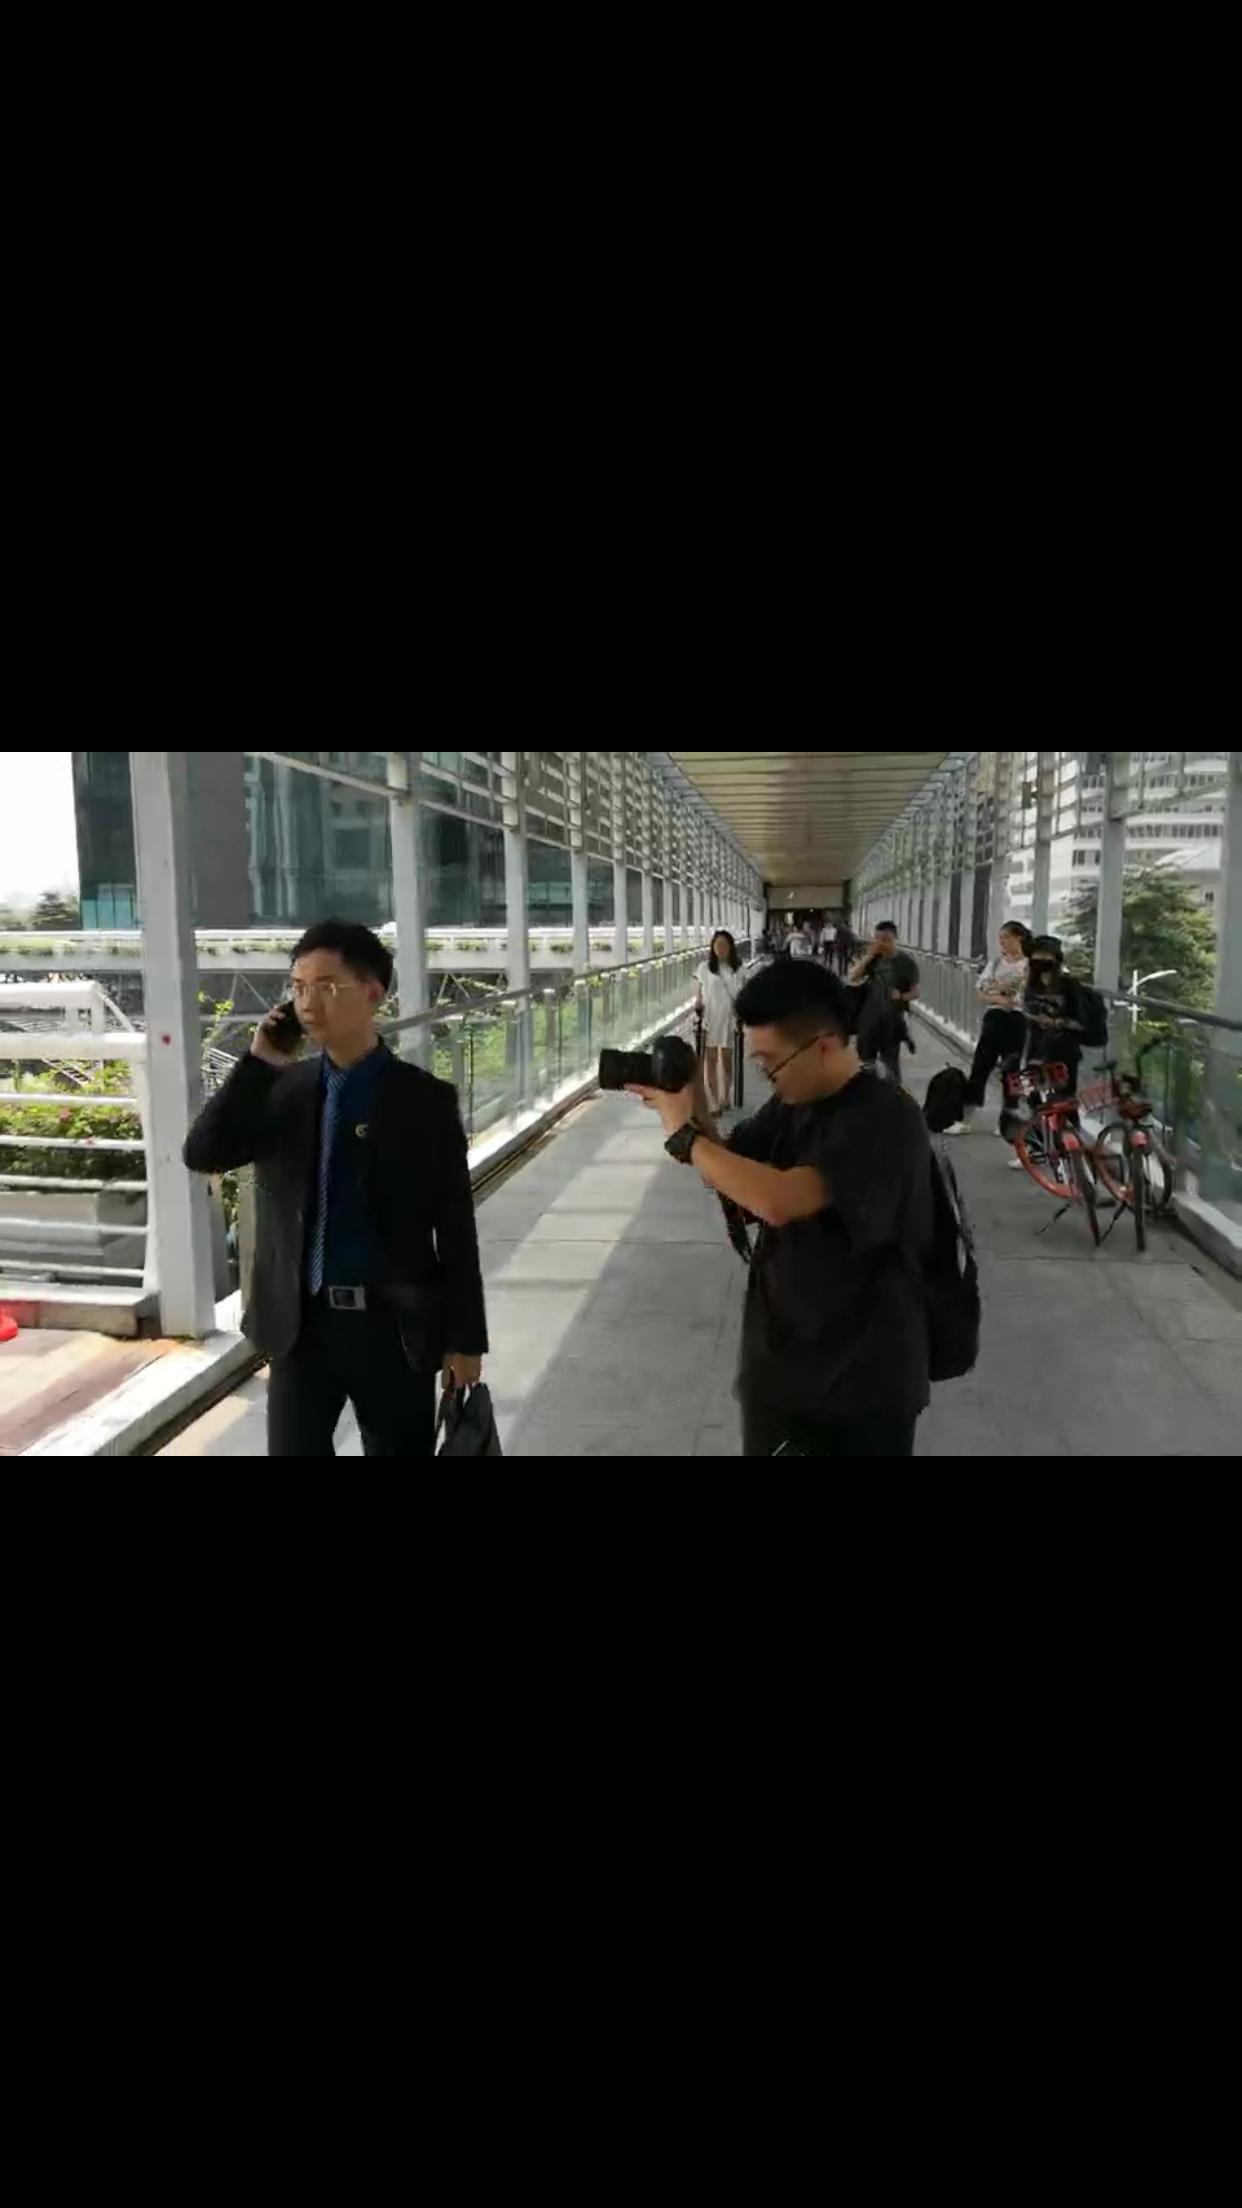 马俊哲律师拍摄宣传片过程中